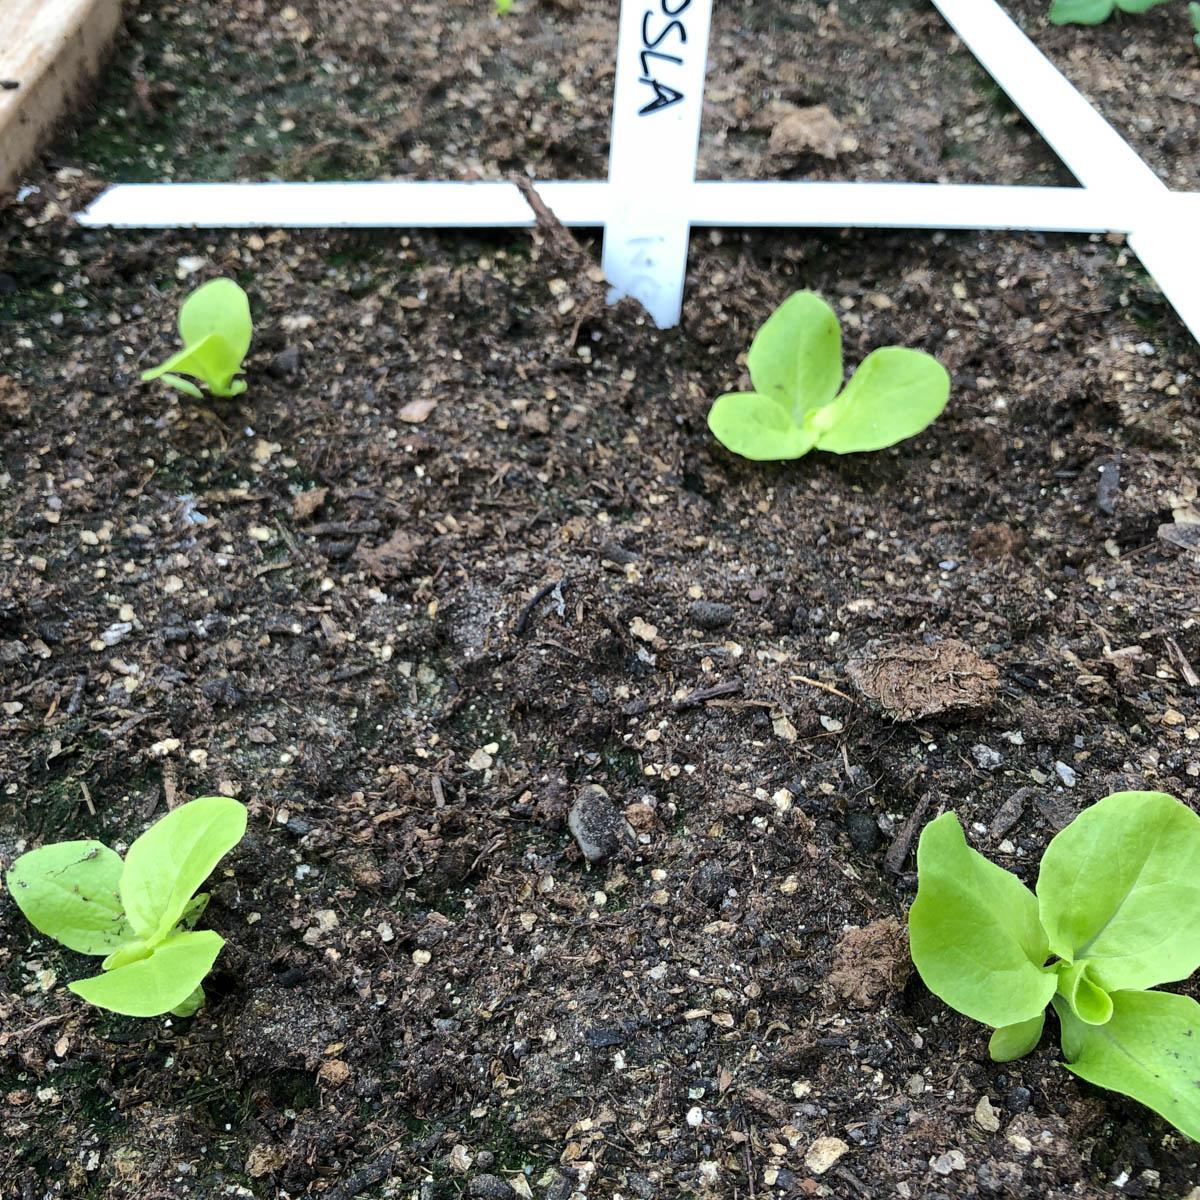 Kleine mini-kropsla plantjes in de Makkelijke Moestuin